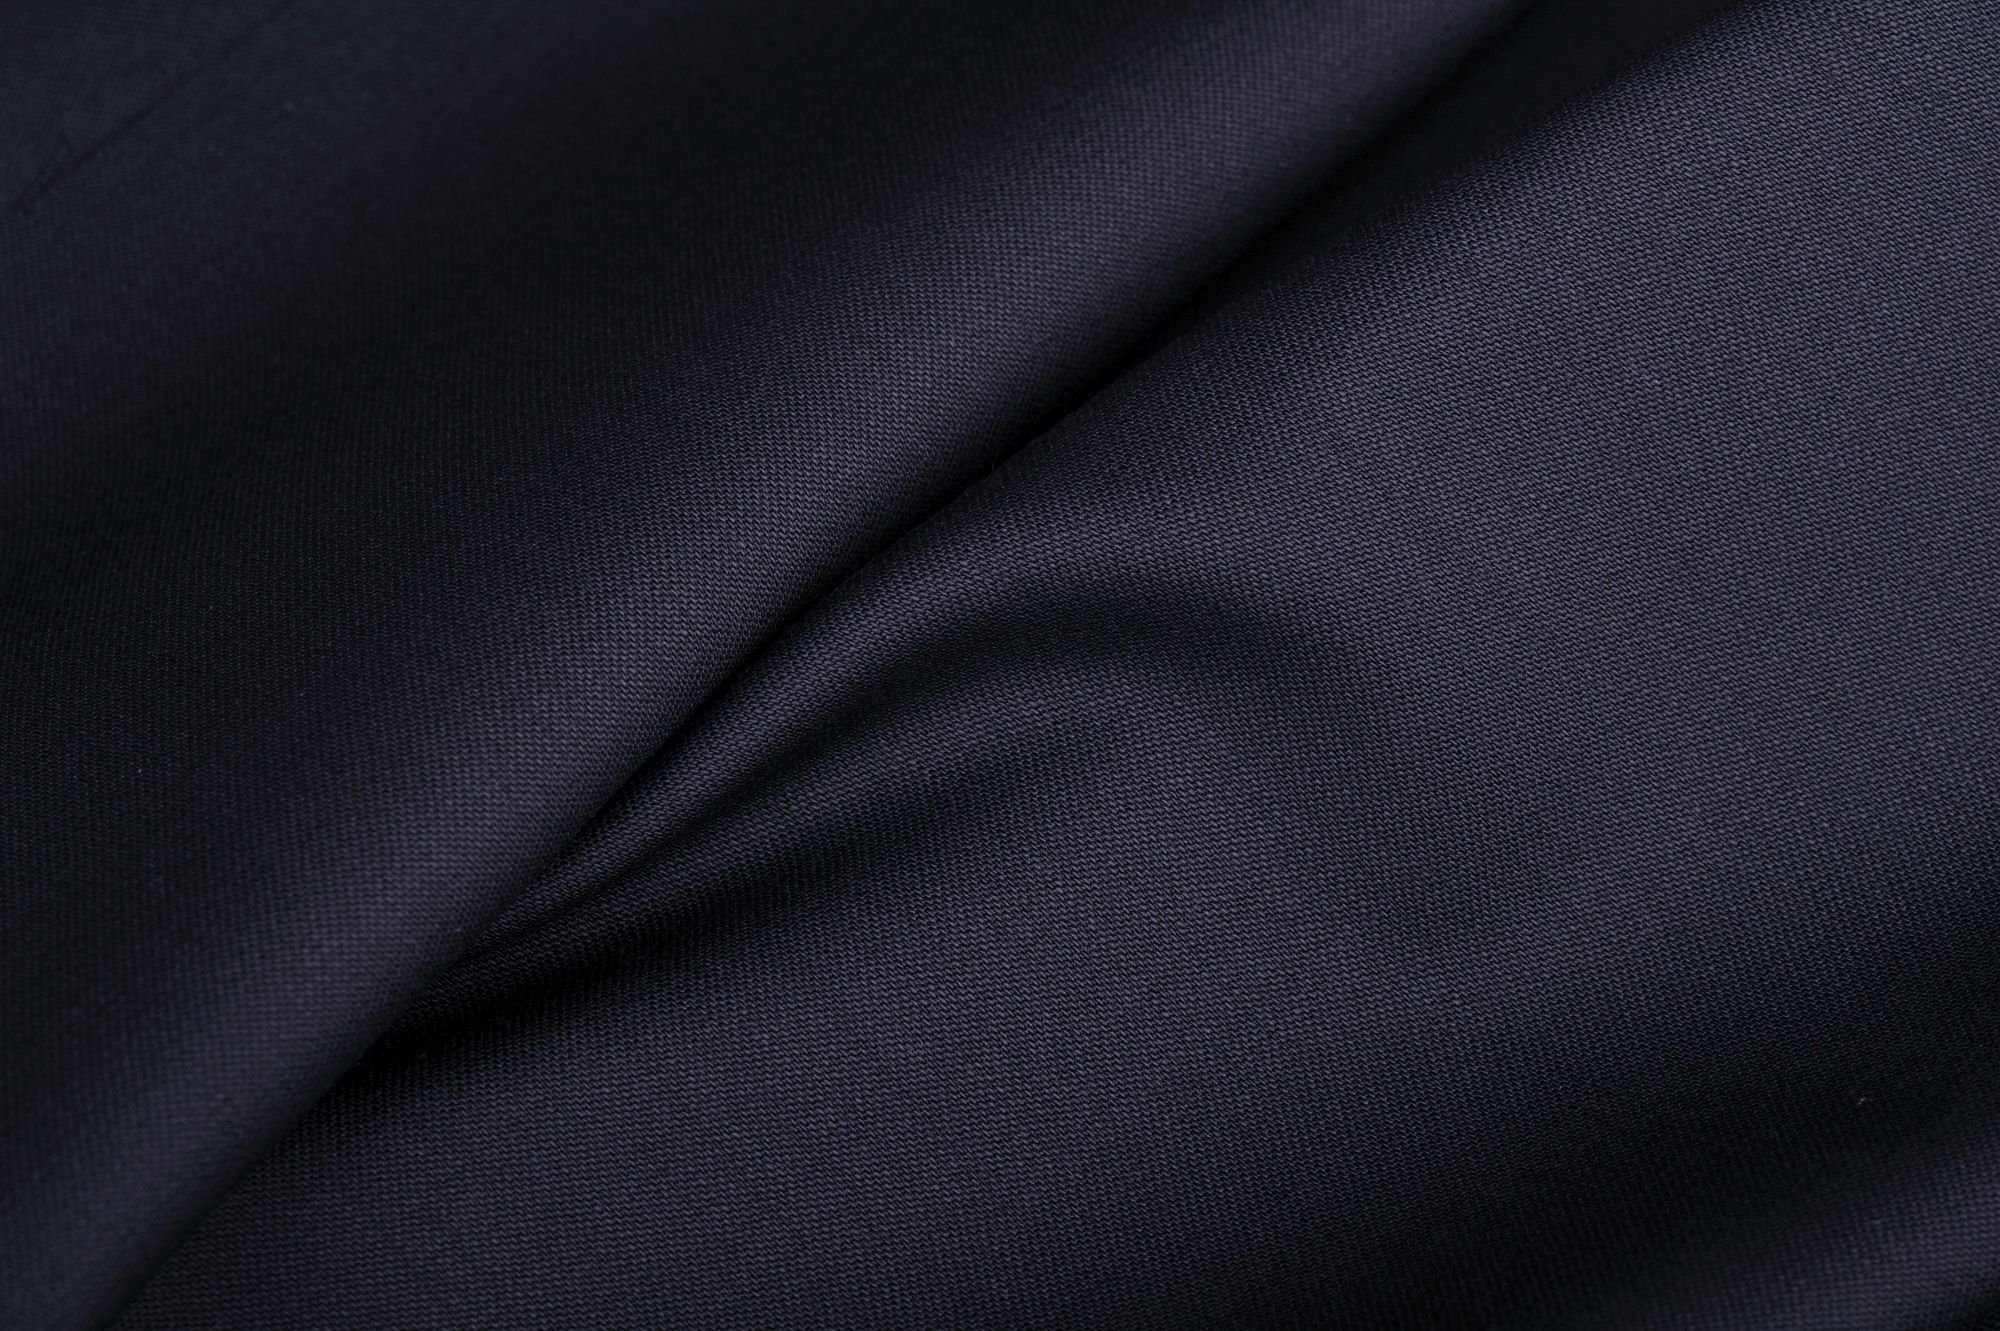 Sávolyszövésű sötétkék 45% gyapjú, 55% poliészter